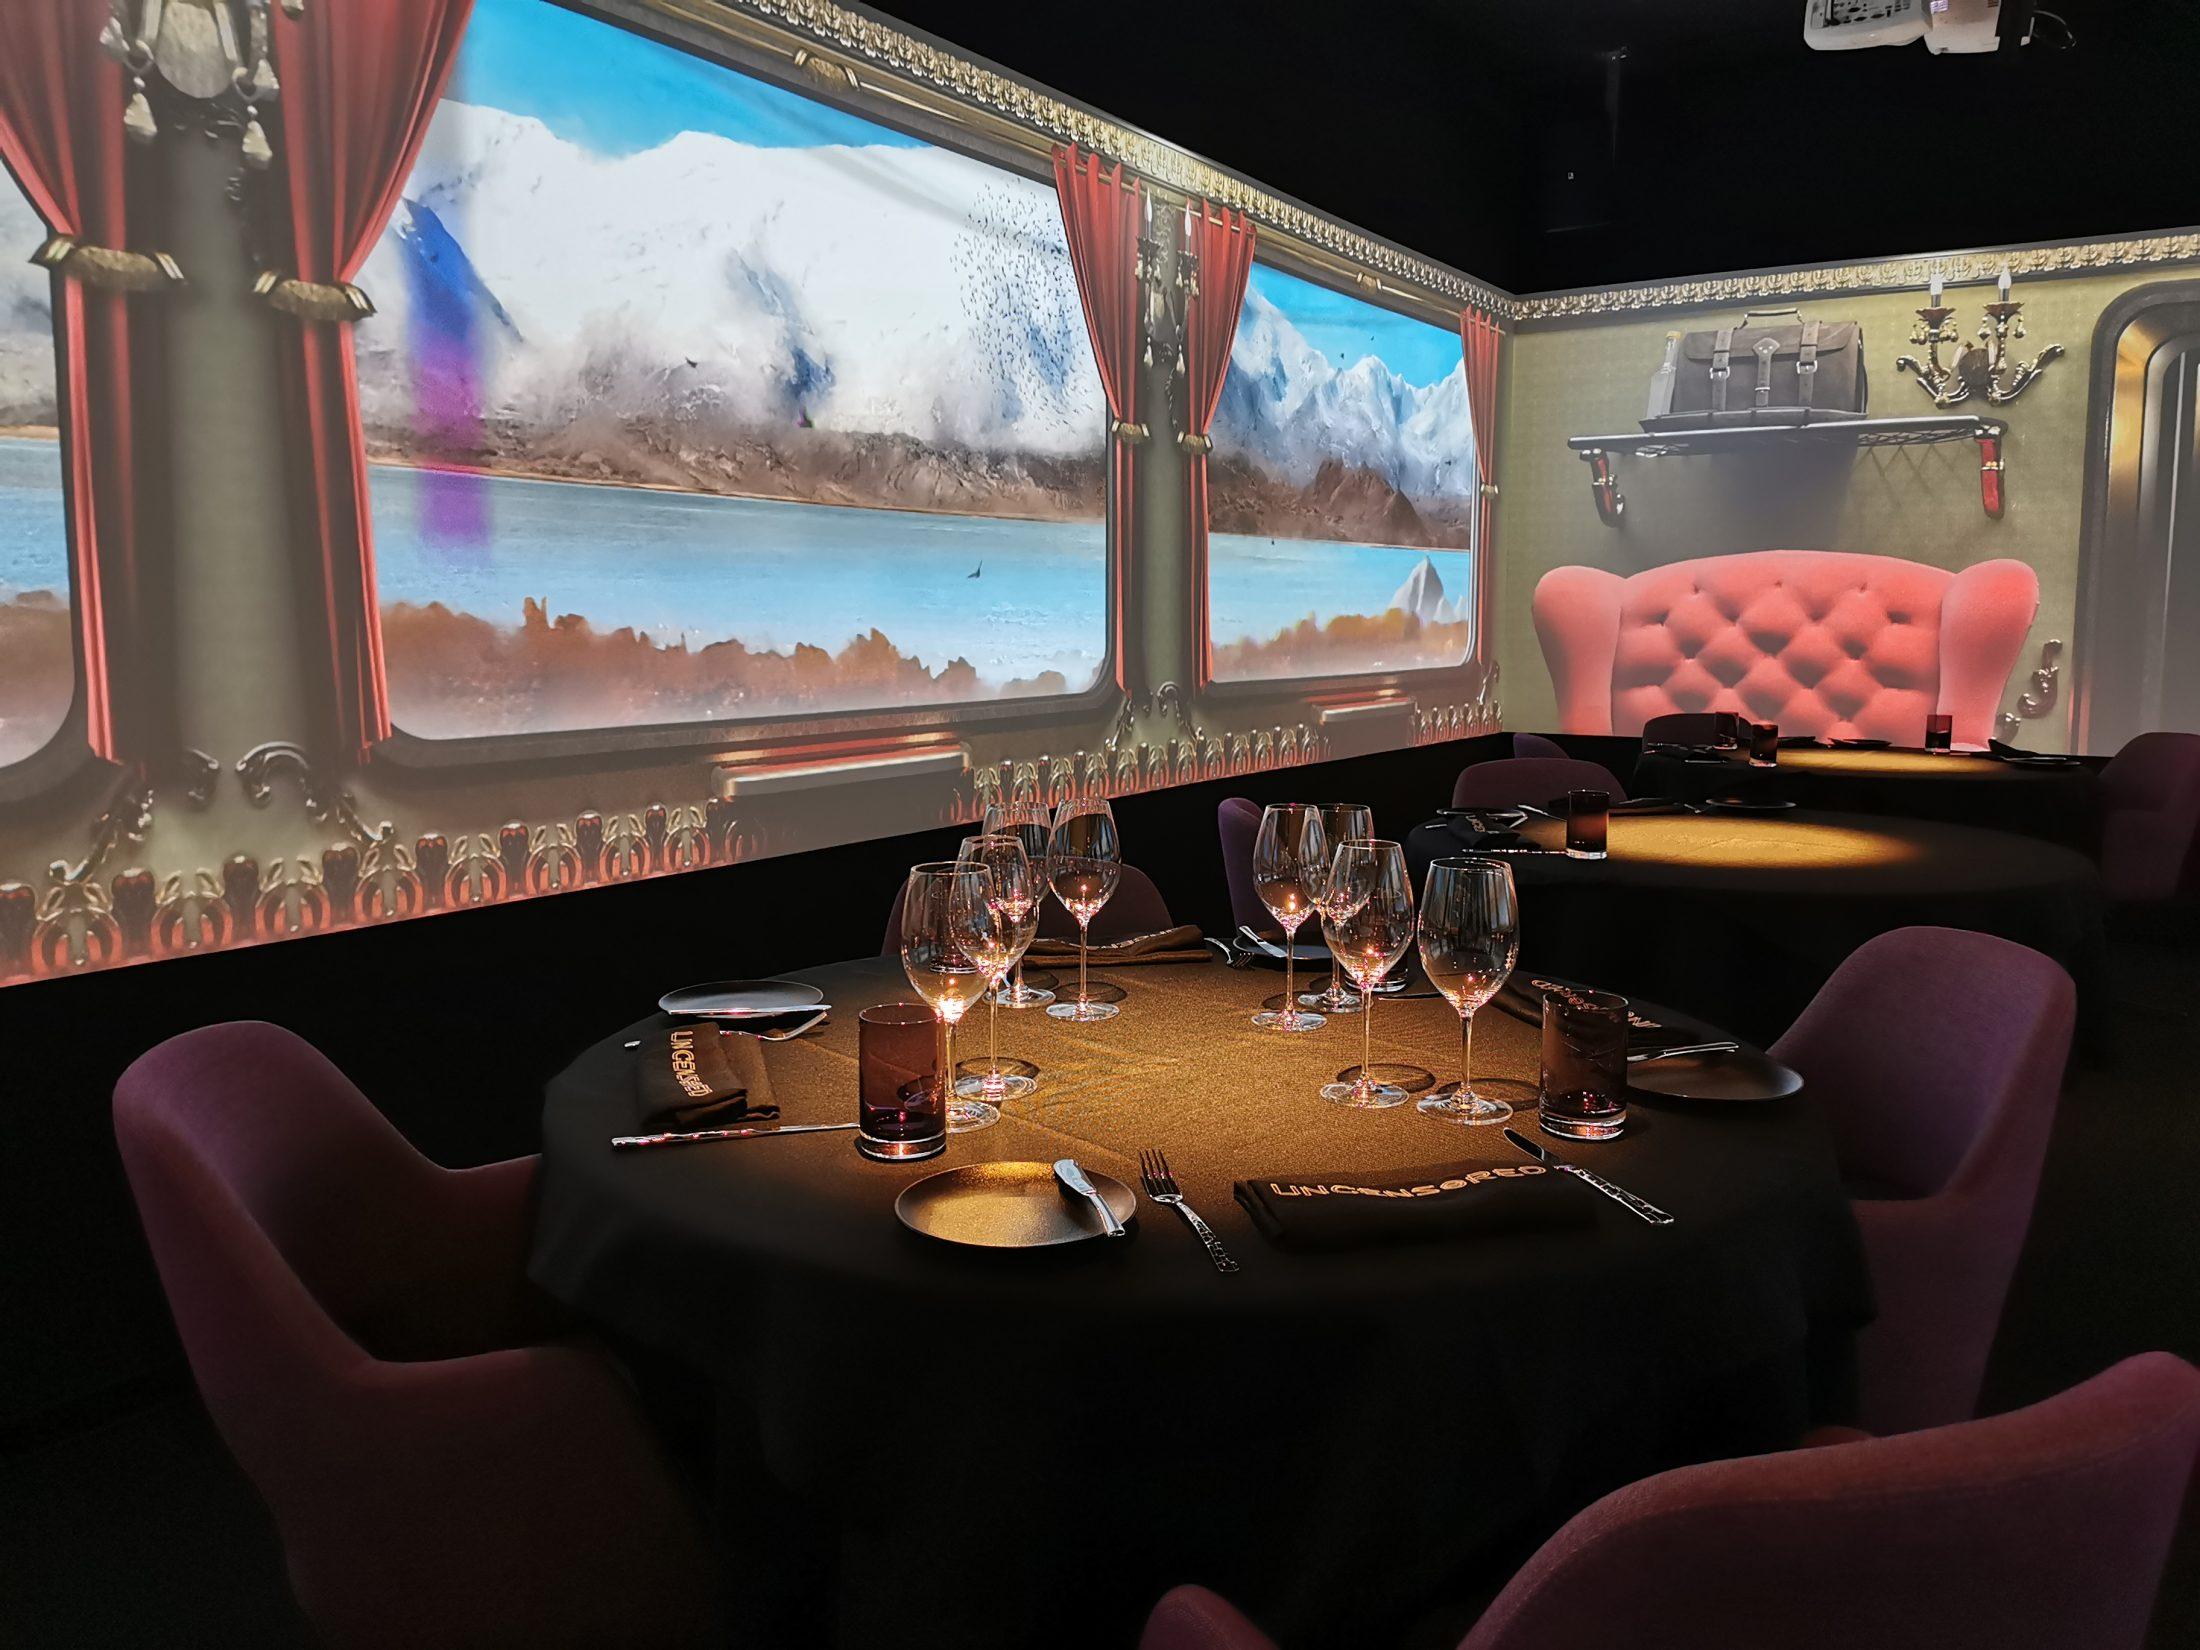 Titkos étterem Budapesten: Megkóstolni a világot a Caviar & Bullban - Dining Guide